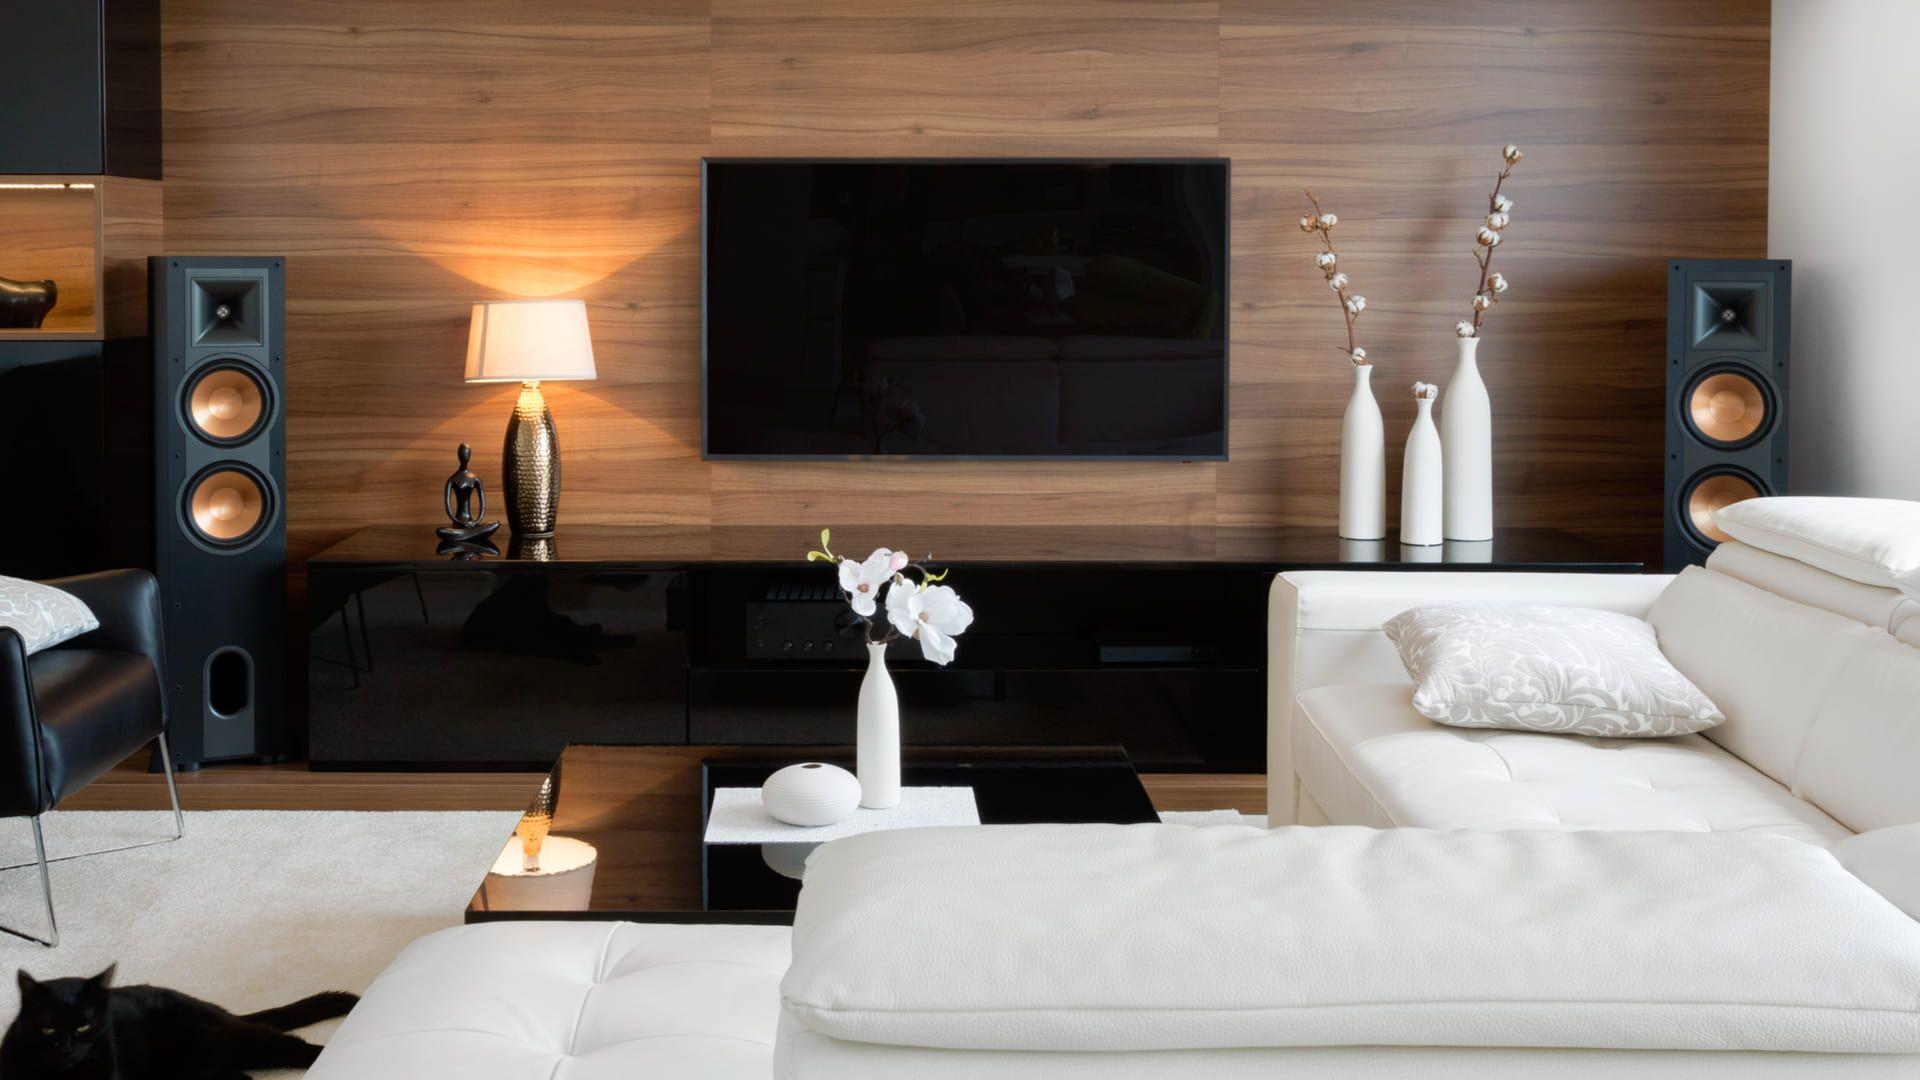 Sala de estar com painel de madeira e TV presa a ele, acima de rack preto